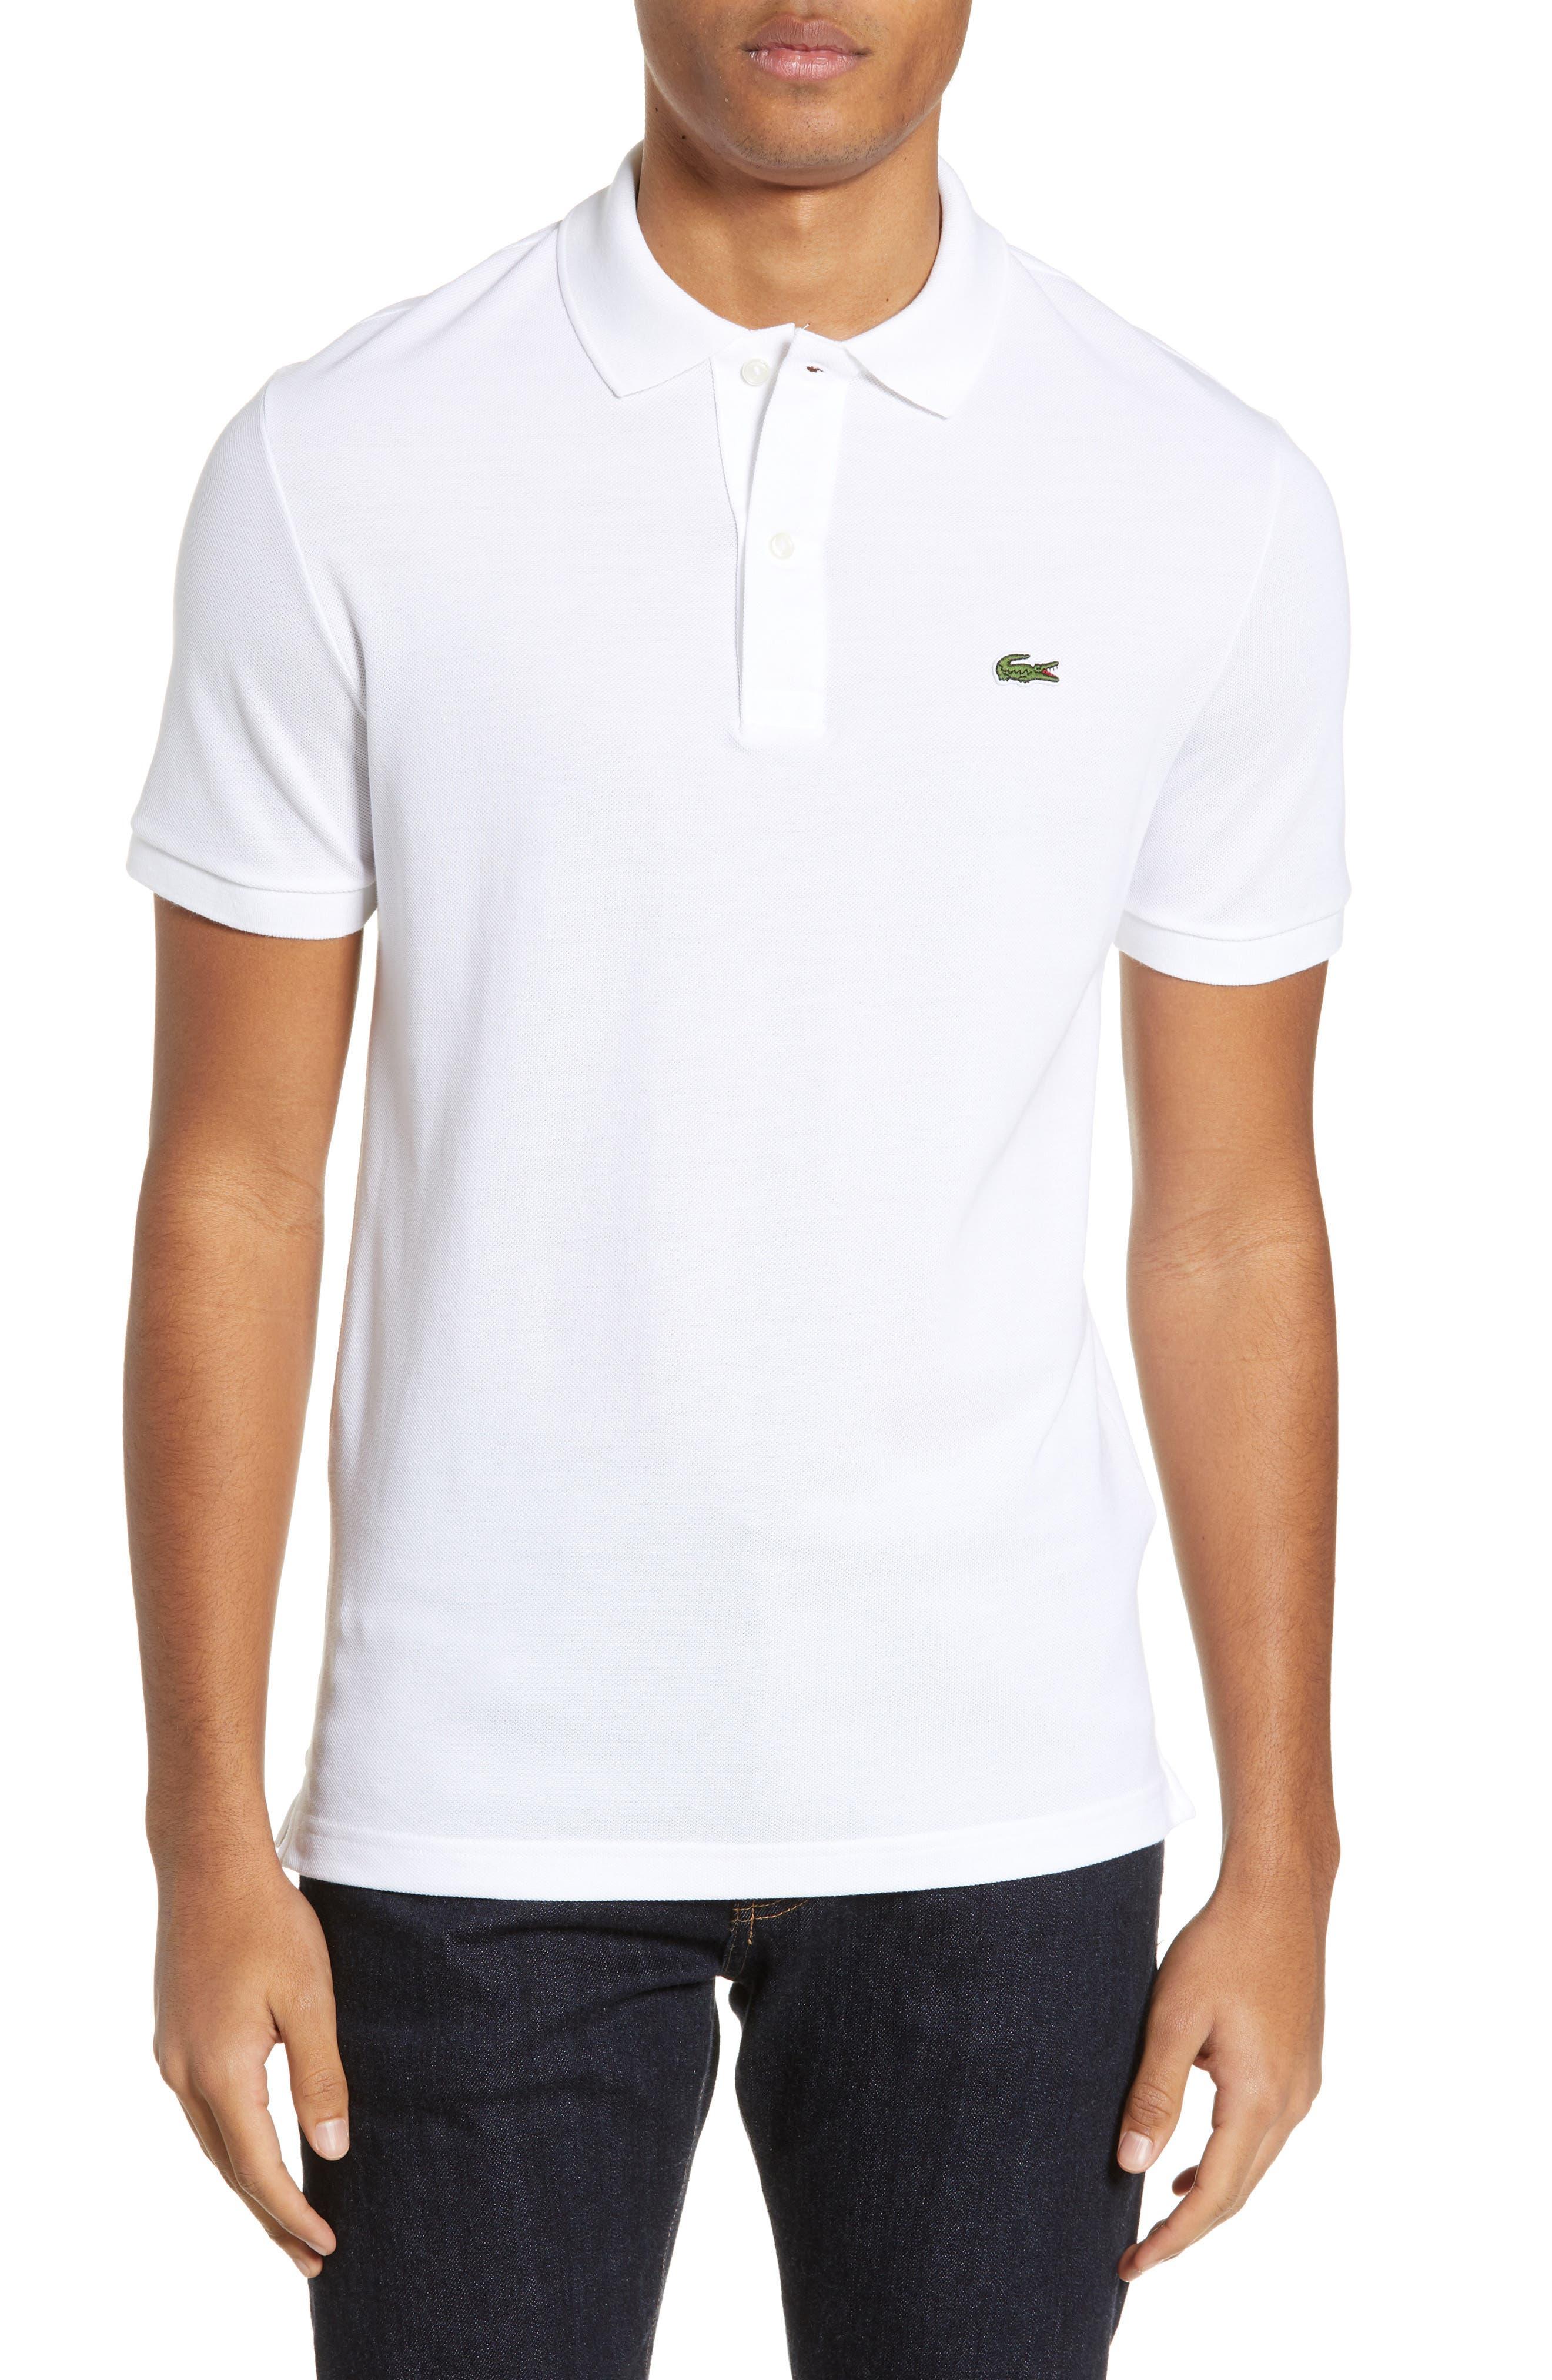 LACOSTE, Slim Fit Piqué Polo, Main thumbnail 1, color, WHITE